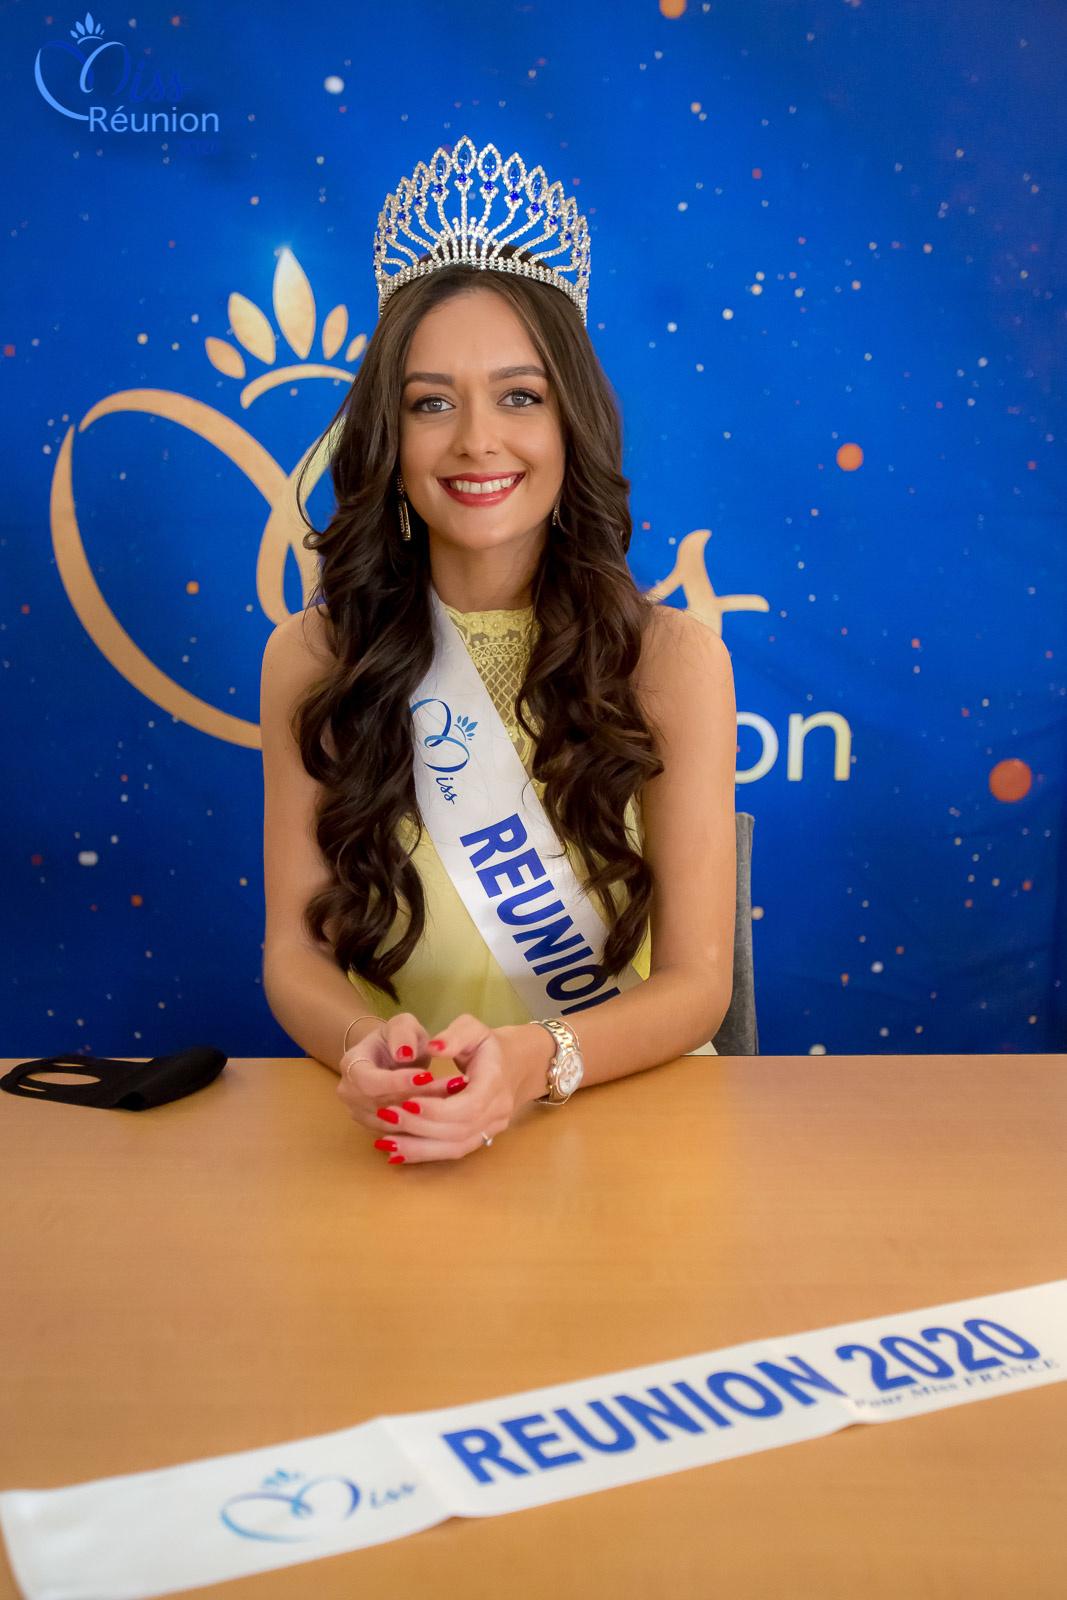 La belle Morgane Lebon, l'écharpe Miss Réunion 2020 est prête!